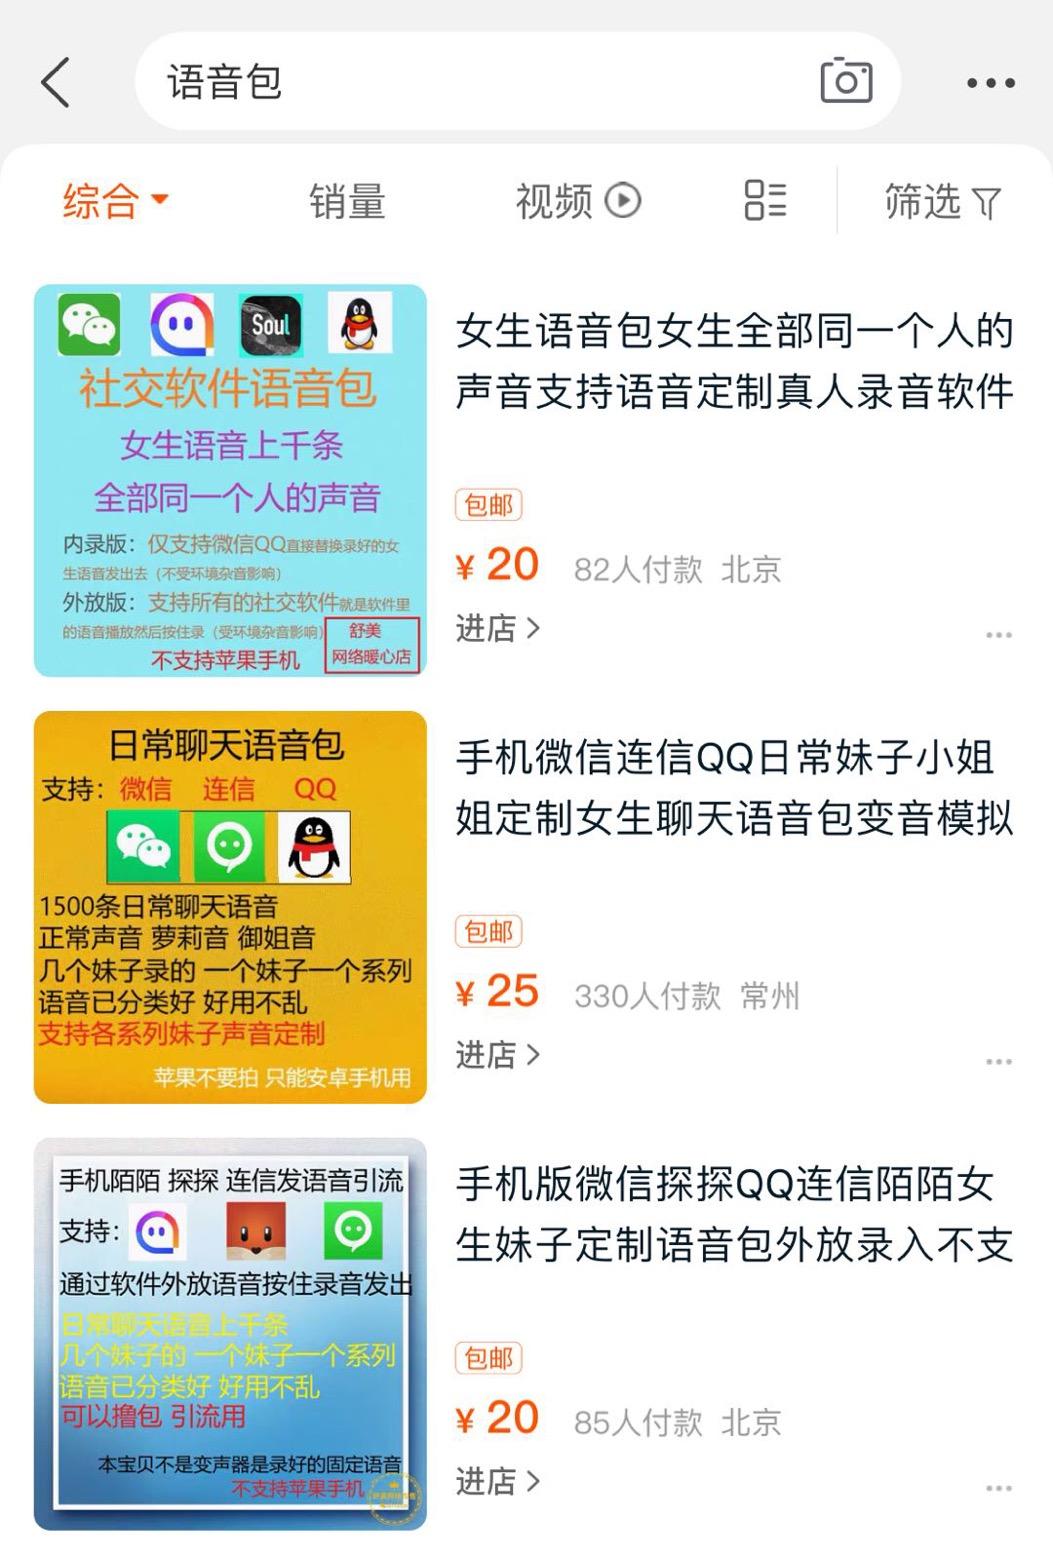 """社交语音包黑产调查:25元买千条语音""""撸包"""",可定制露骨内容"""